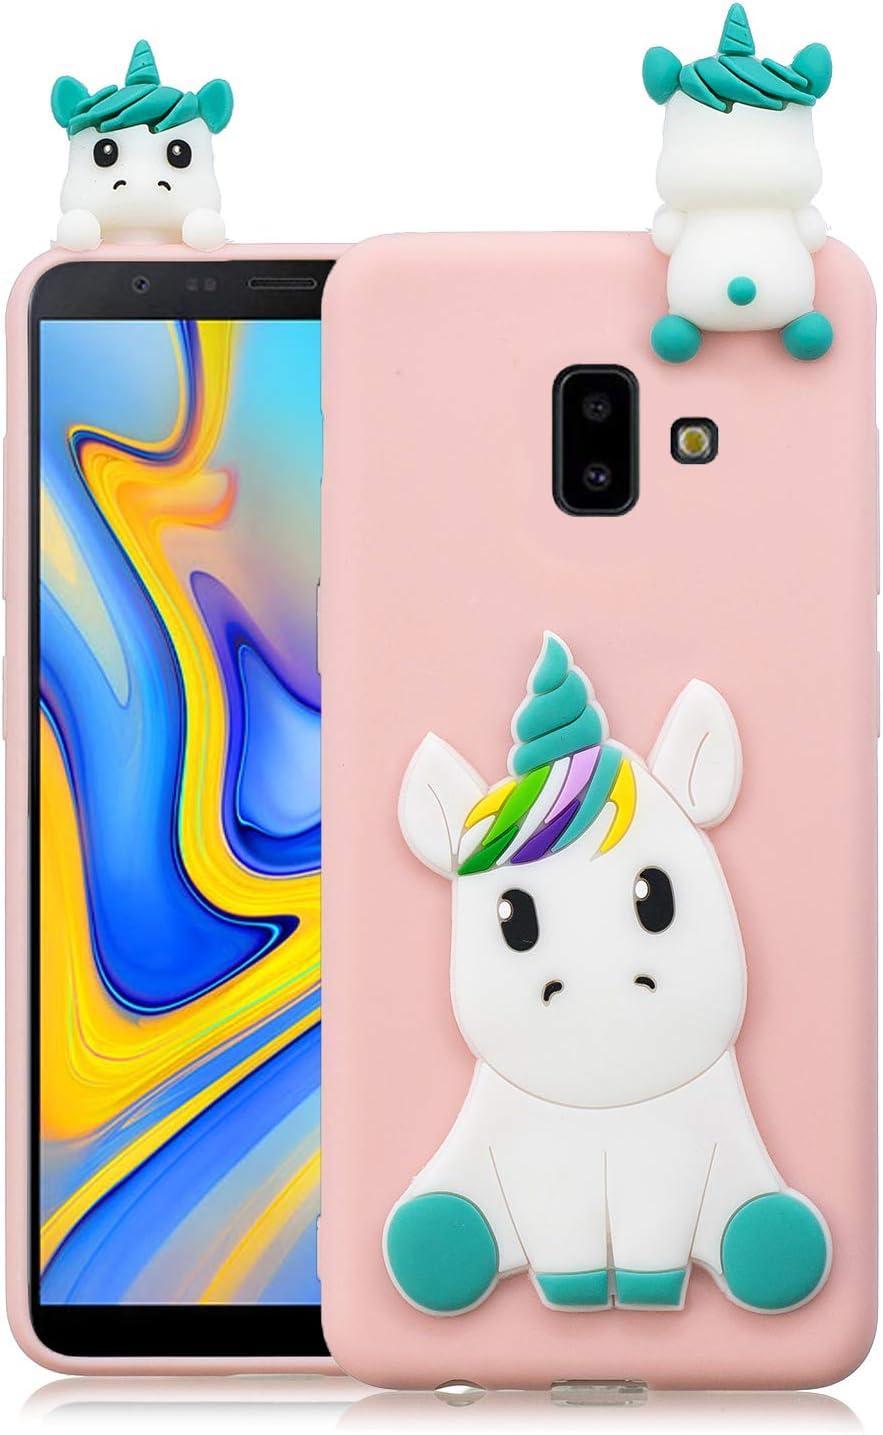 Coque Samsung Galaxy J6 Plus 2018 Silicone avec Motif 3D Licorne Rose Clair Housse pour Samsung J6 Plus 2018 Ultra Fine TPU Souple Étui Cute Mignon ...